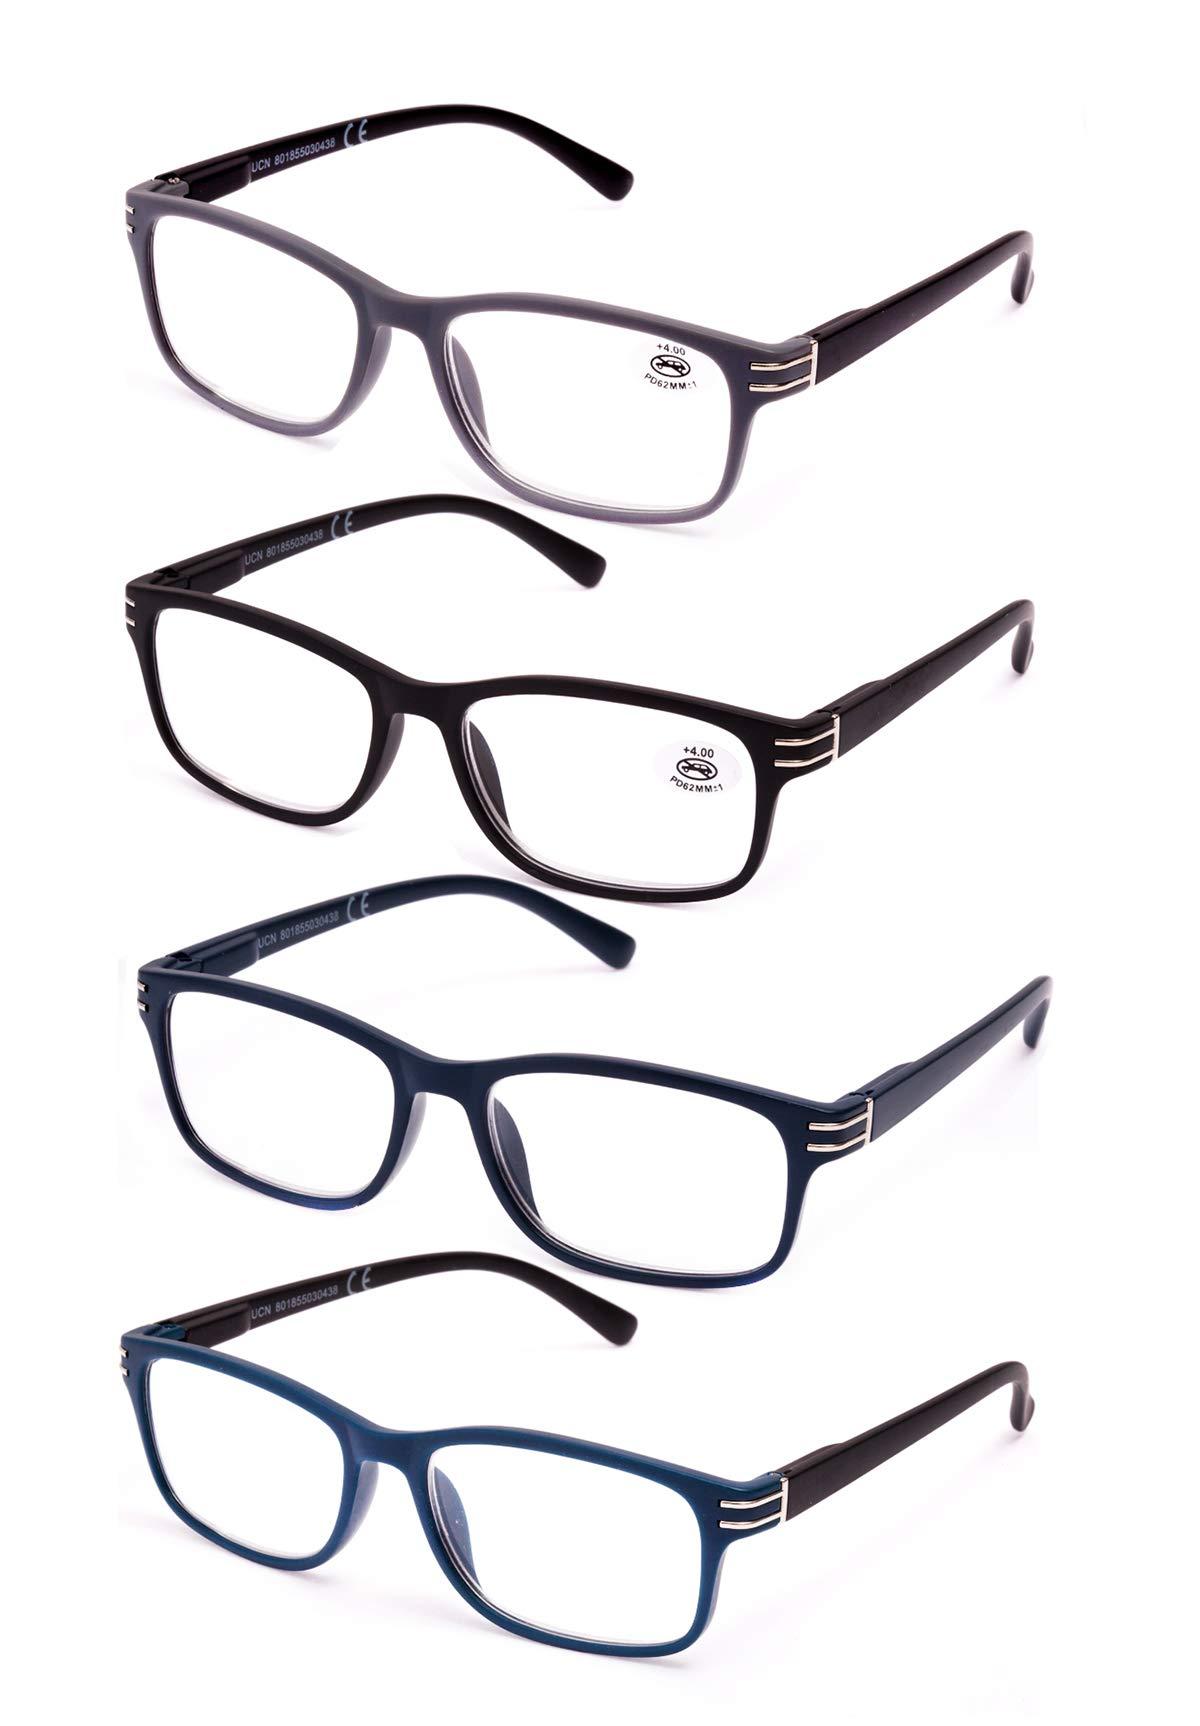 917f5760b6 Pack de 4 Gafas de Lectura Vista Cansada Presbicia, Graduadas Dioptrías  +1.00 hasta +